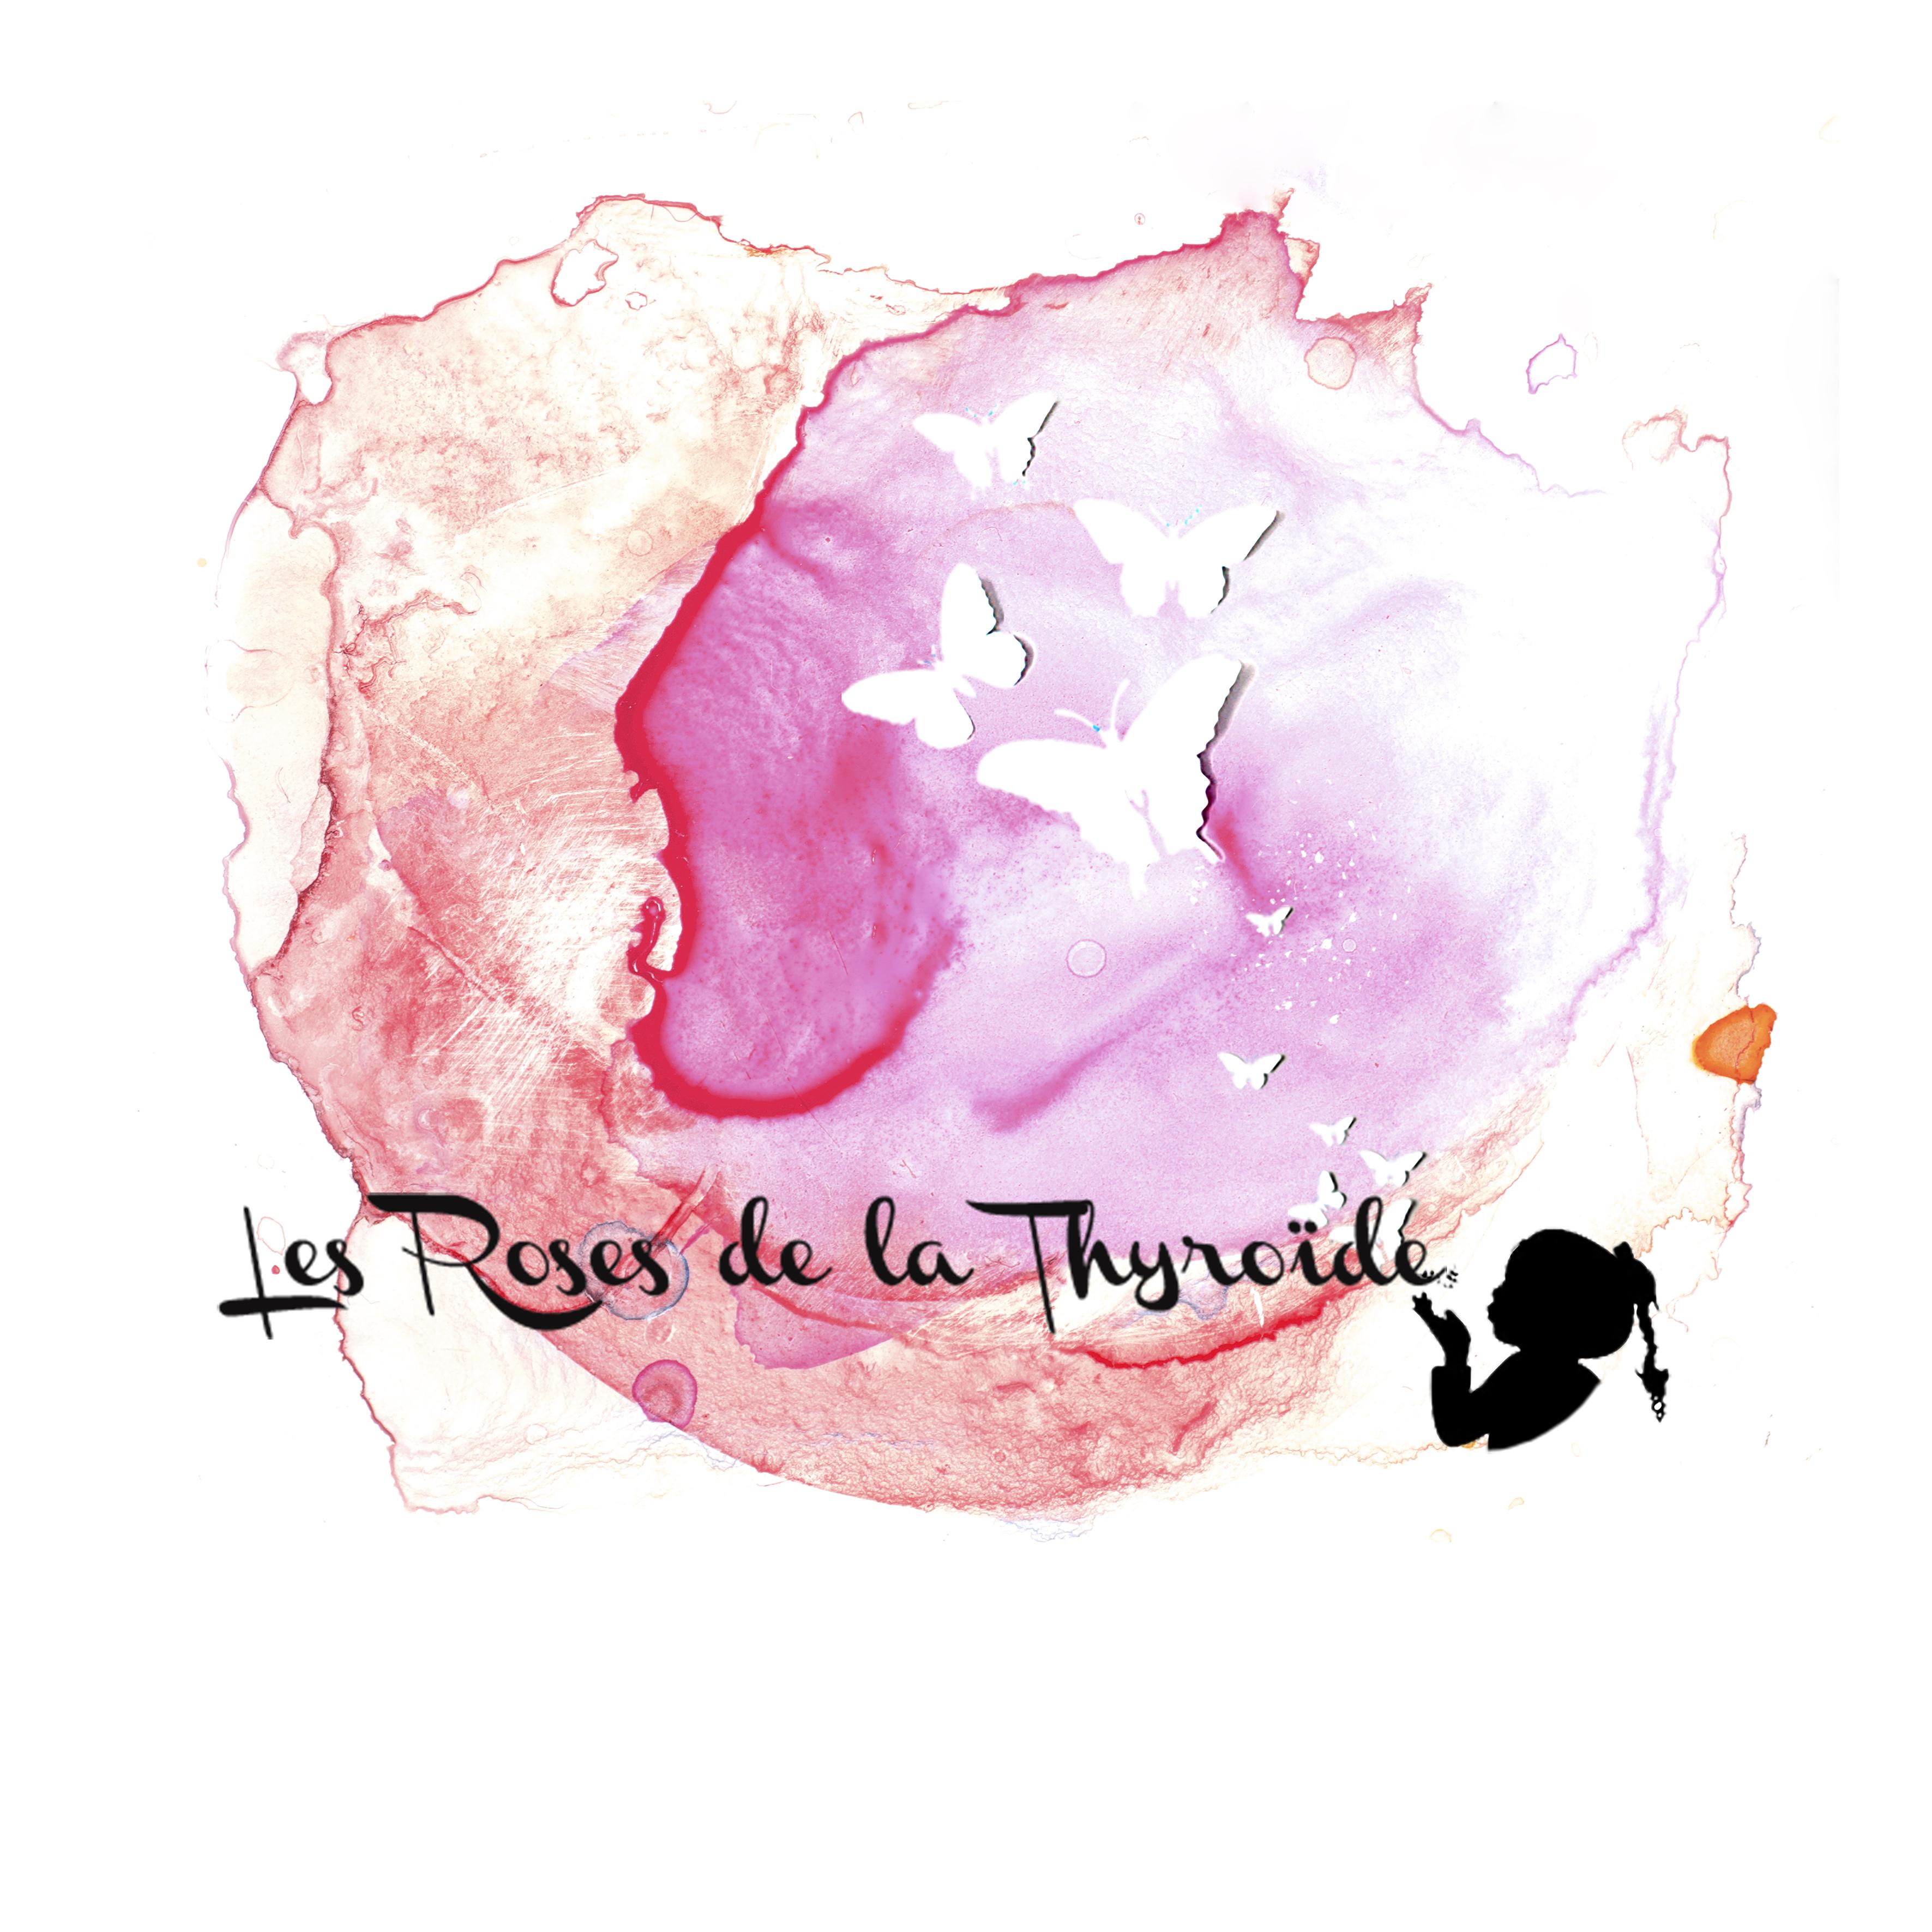 Les roses de la thyroïde